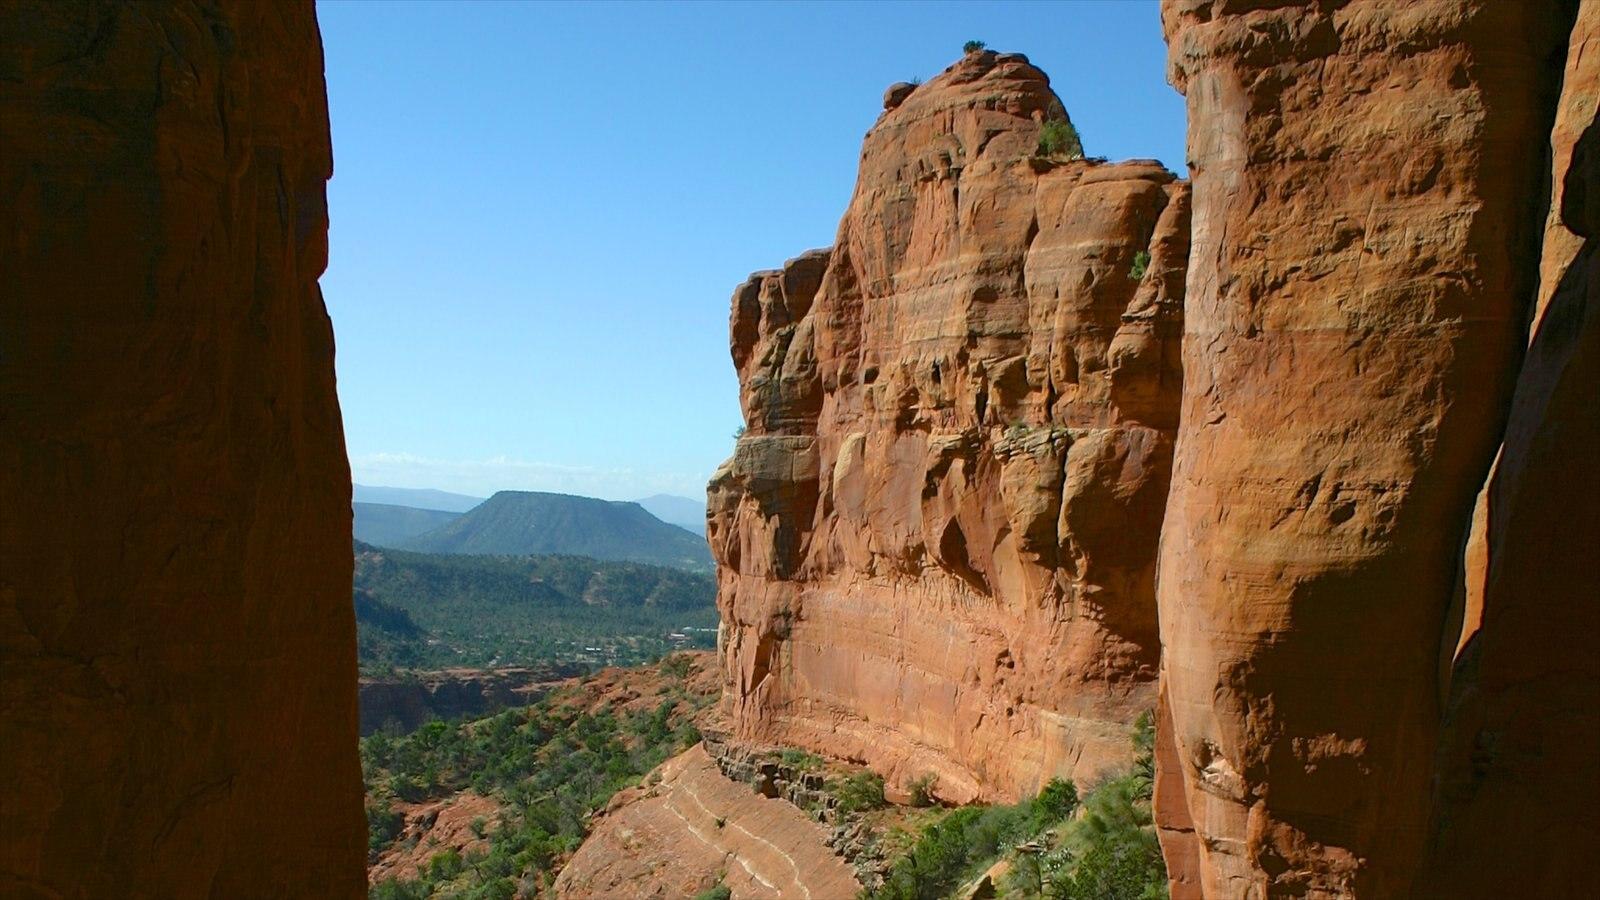 Sedona que inclui paisagem e um desfiladeiro ou canyon